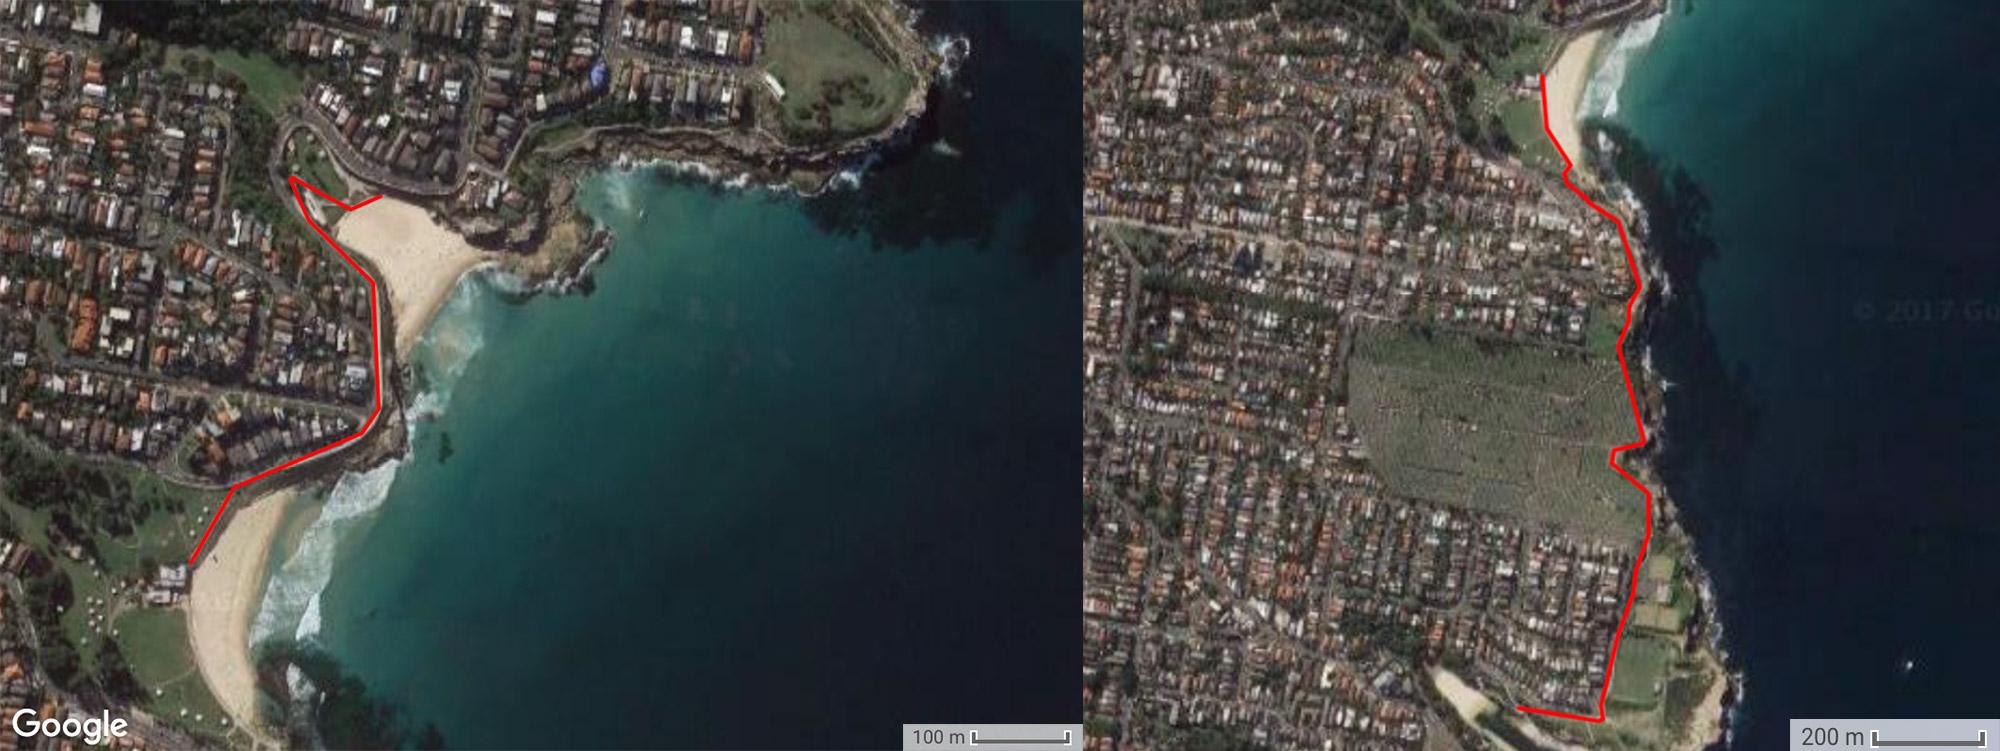 Трек маршрута, Tamarama - Bronte - Clovelly, Бондай - Куджи, Bondi to Coogee, Восточные пляжи, East Beaches, Сидней, Sydney, Новый Южный Уэльс, New South Wales, Австралия, Australia